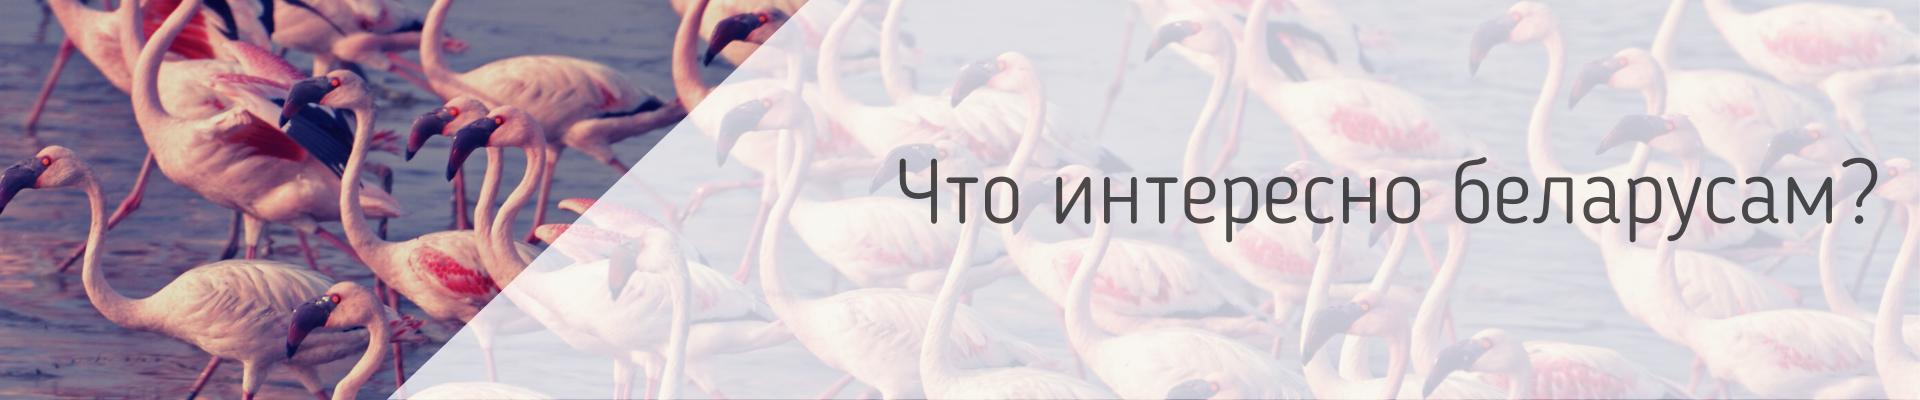 Что ищут в интернете молодые белорусы